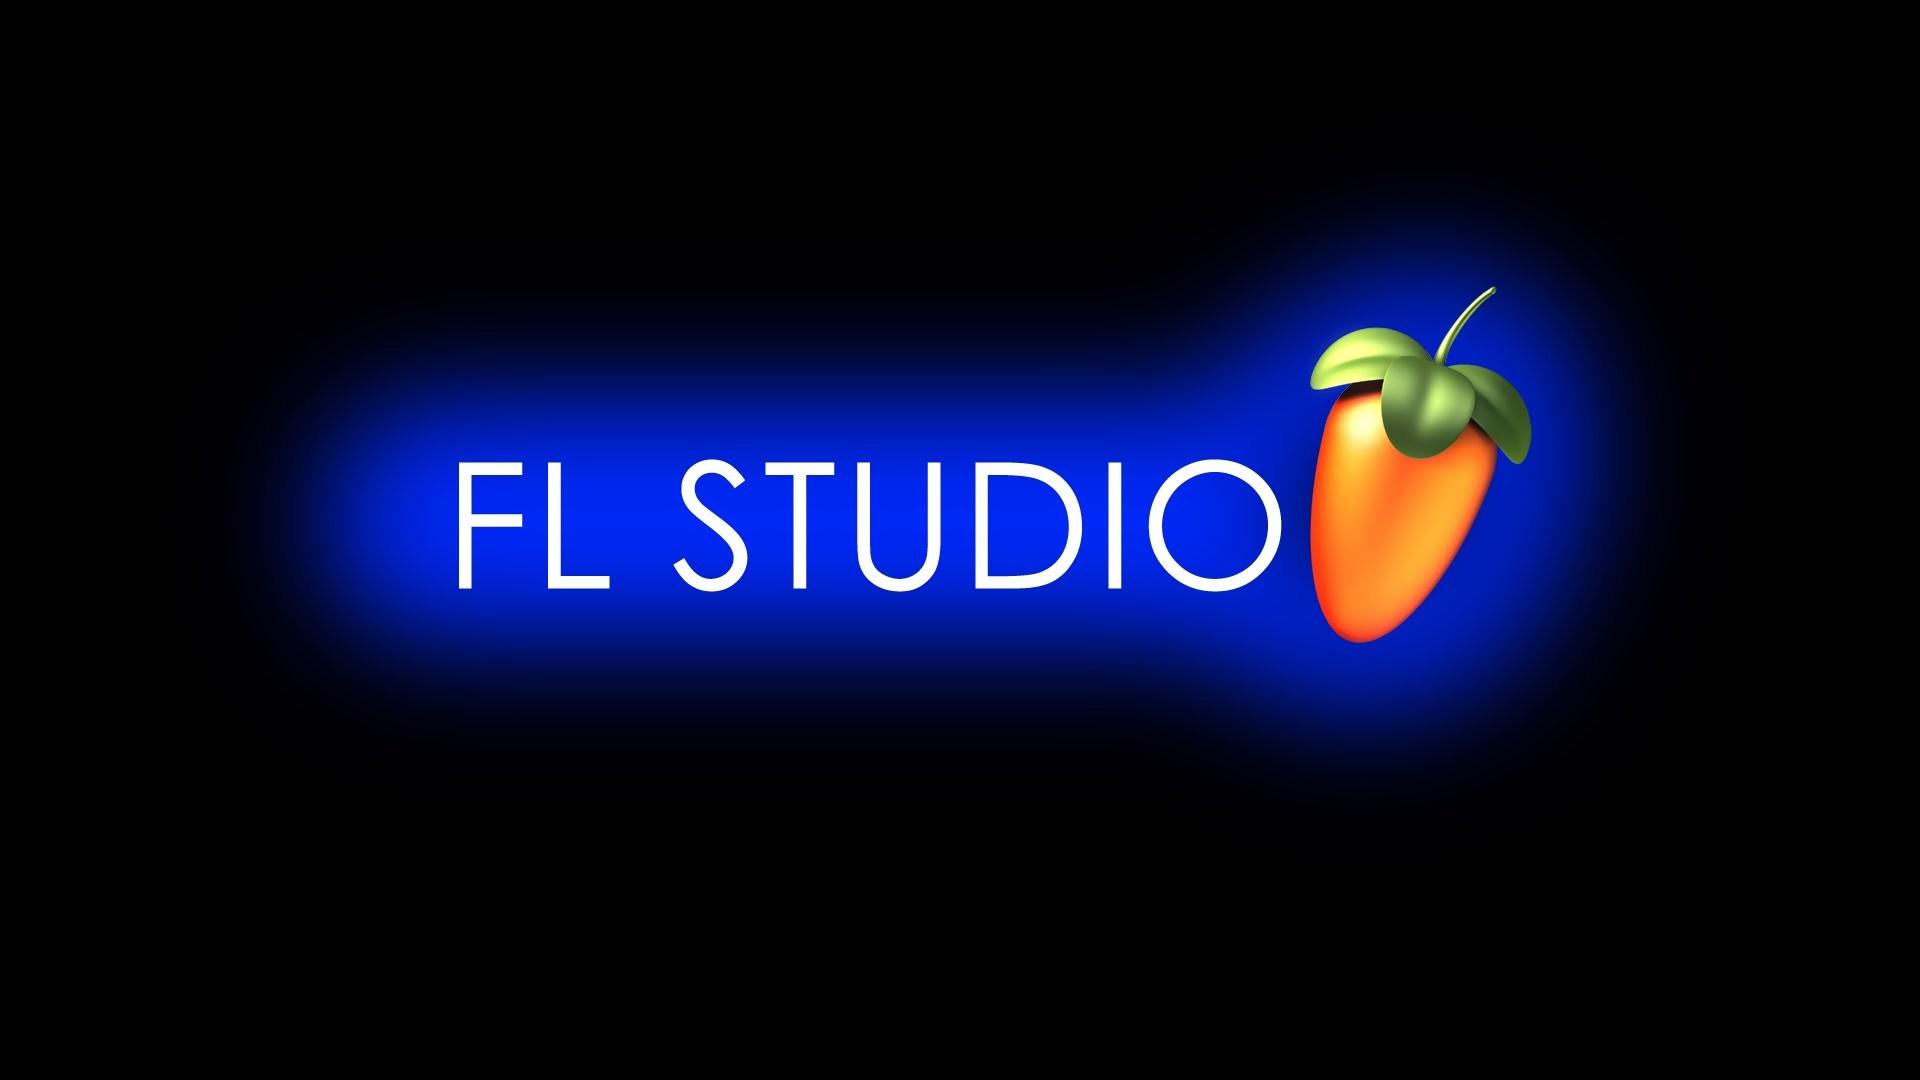 fruity loops 11 skins free download